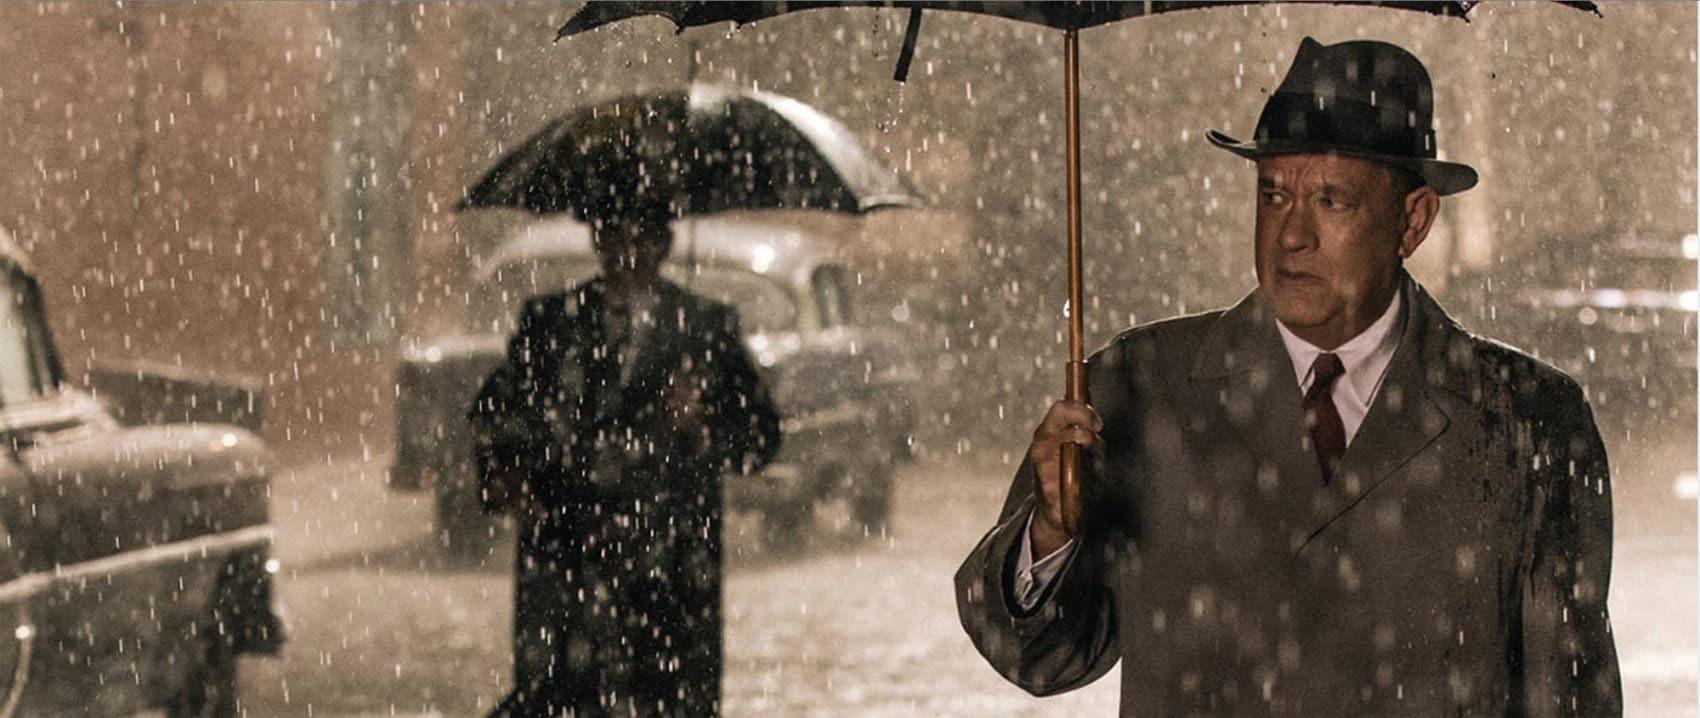 Le Pont des Espions de Steven Spielberg – trailer